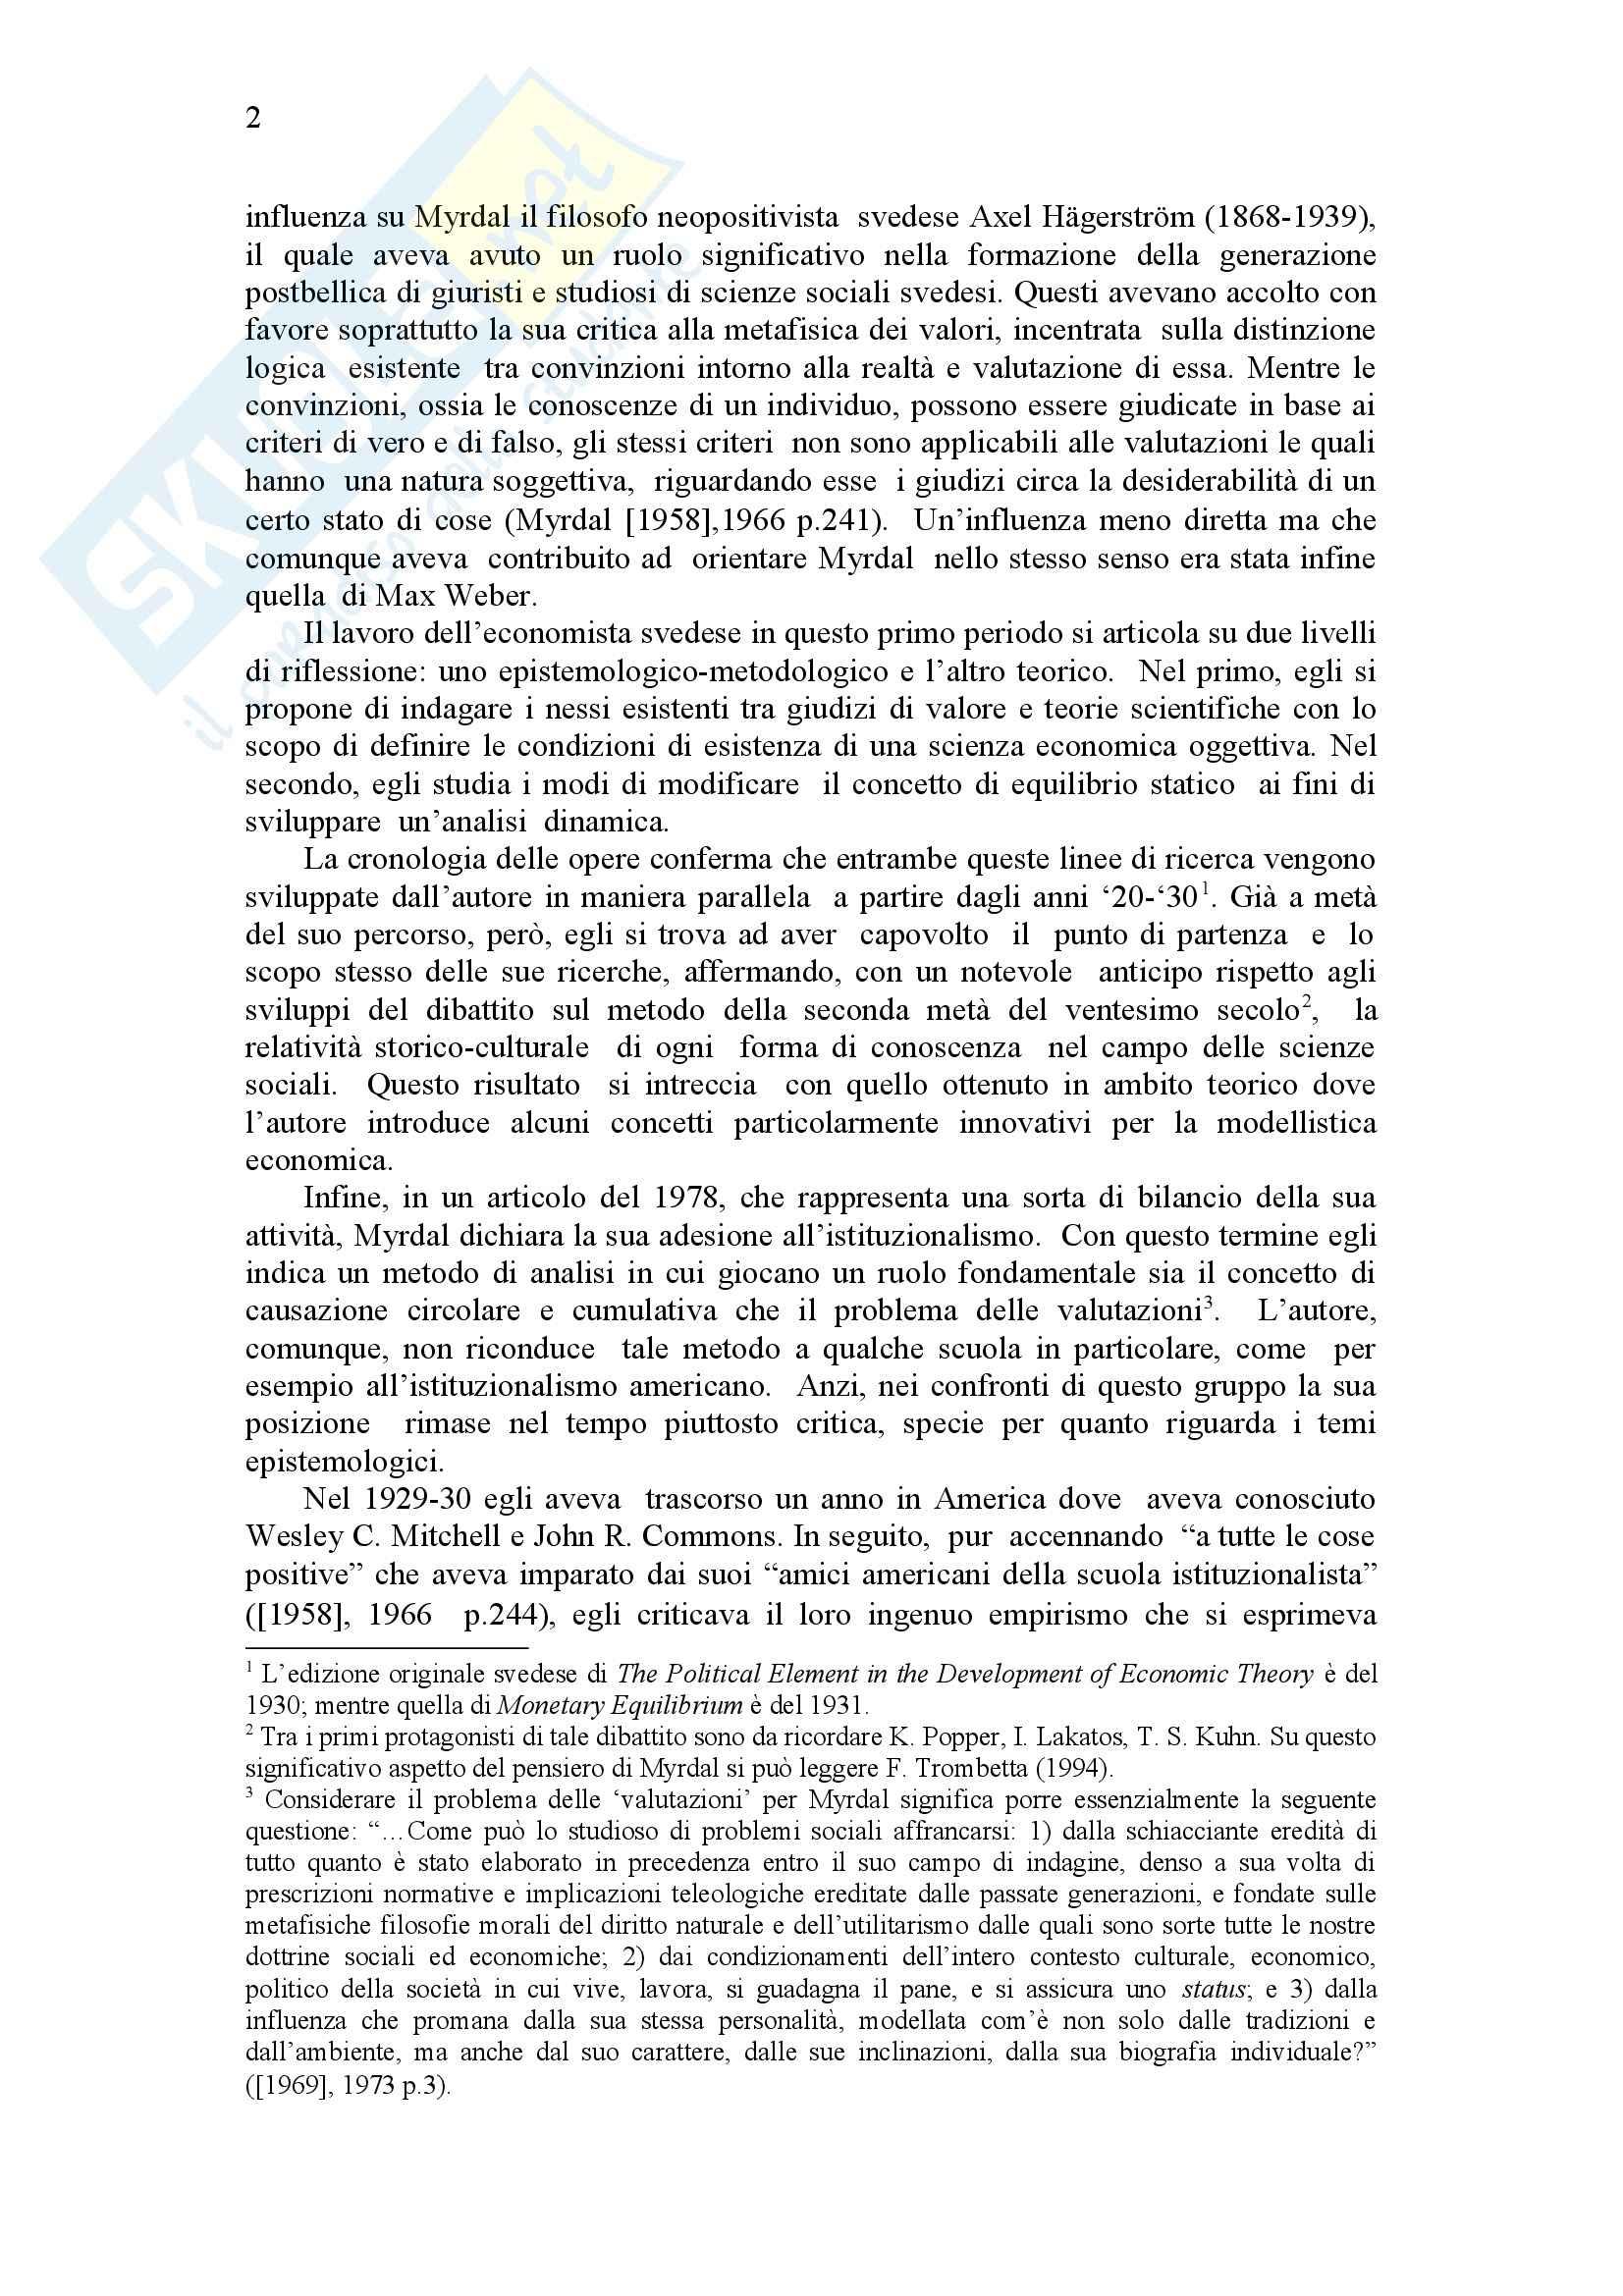 Causazione cumulativa e scienza economica, Myrdal - Appunti Pag. 2